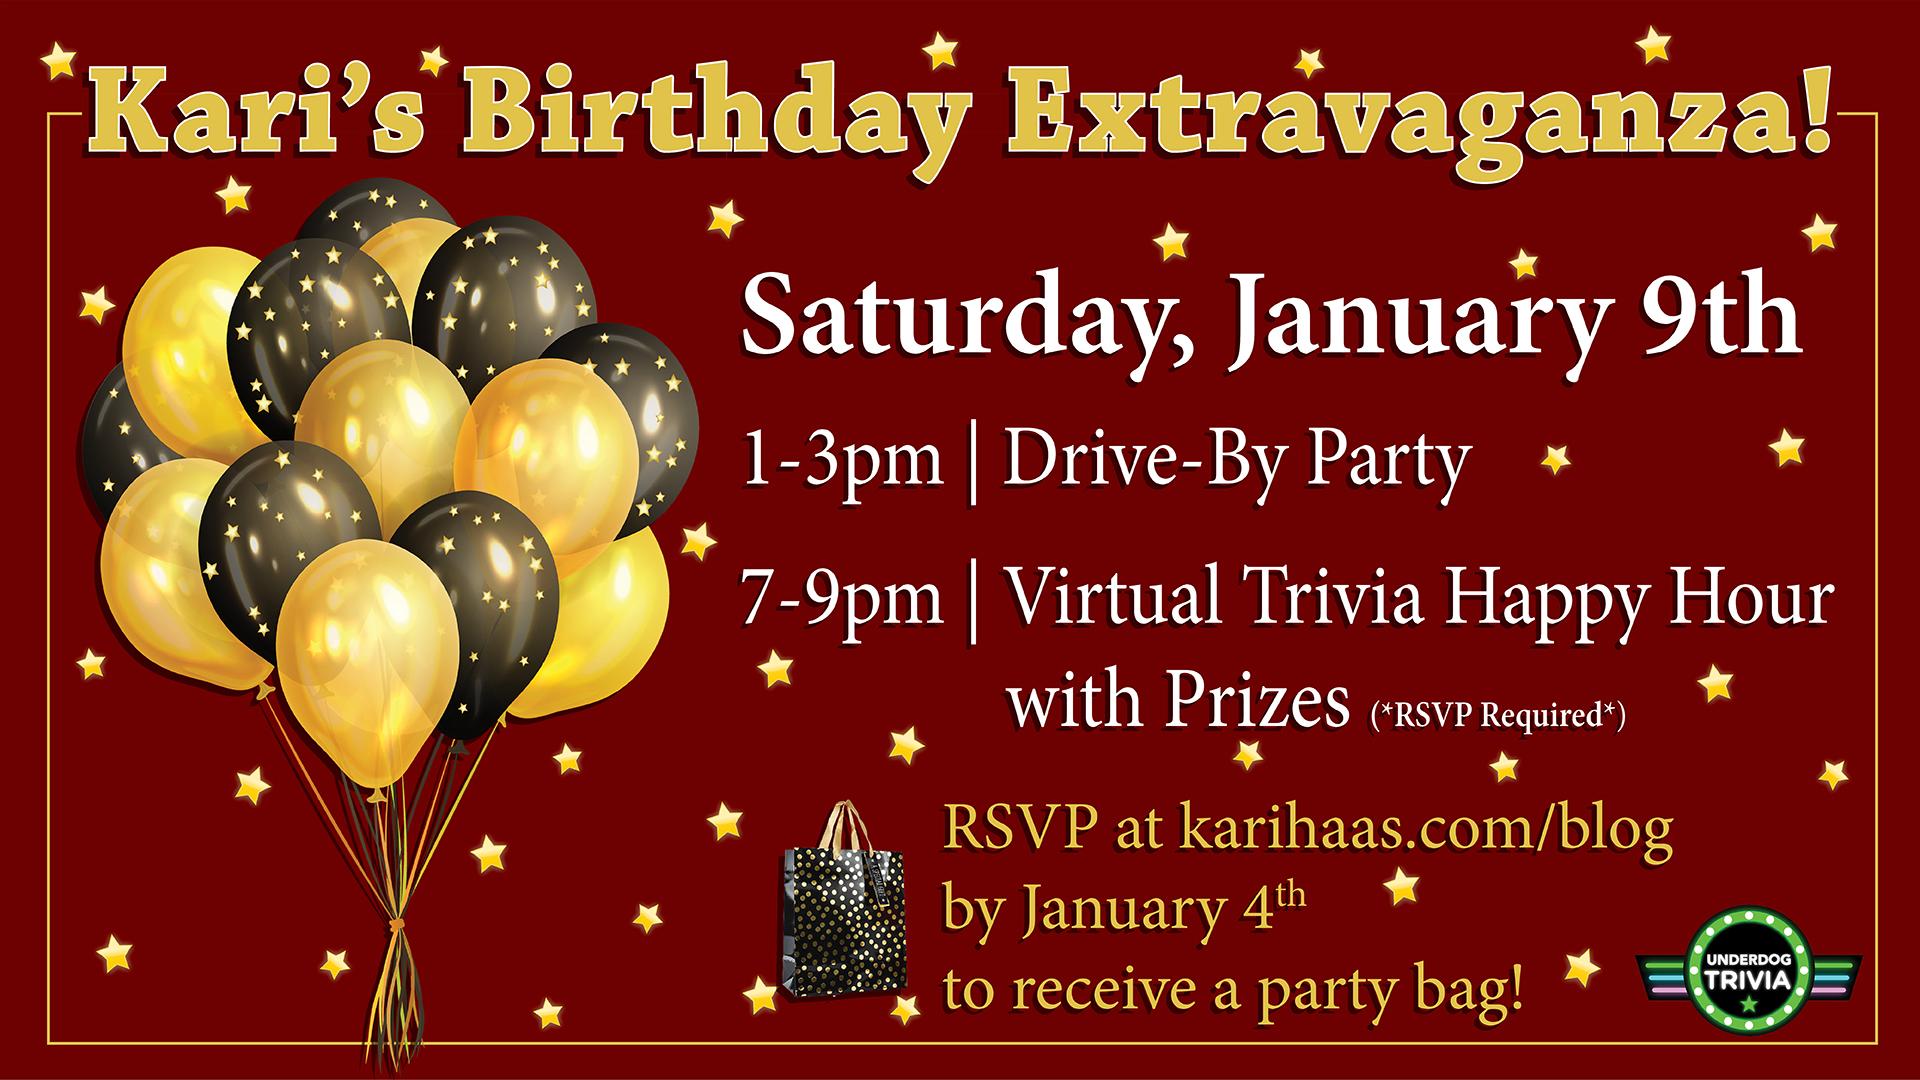 Kari's Birthday Extravaganza Graphic